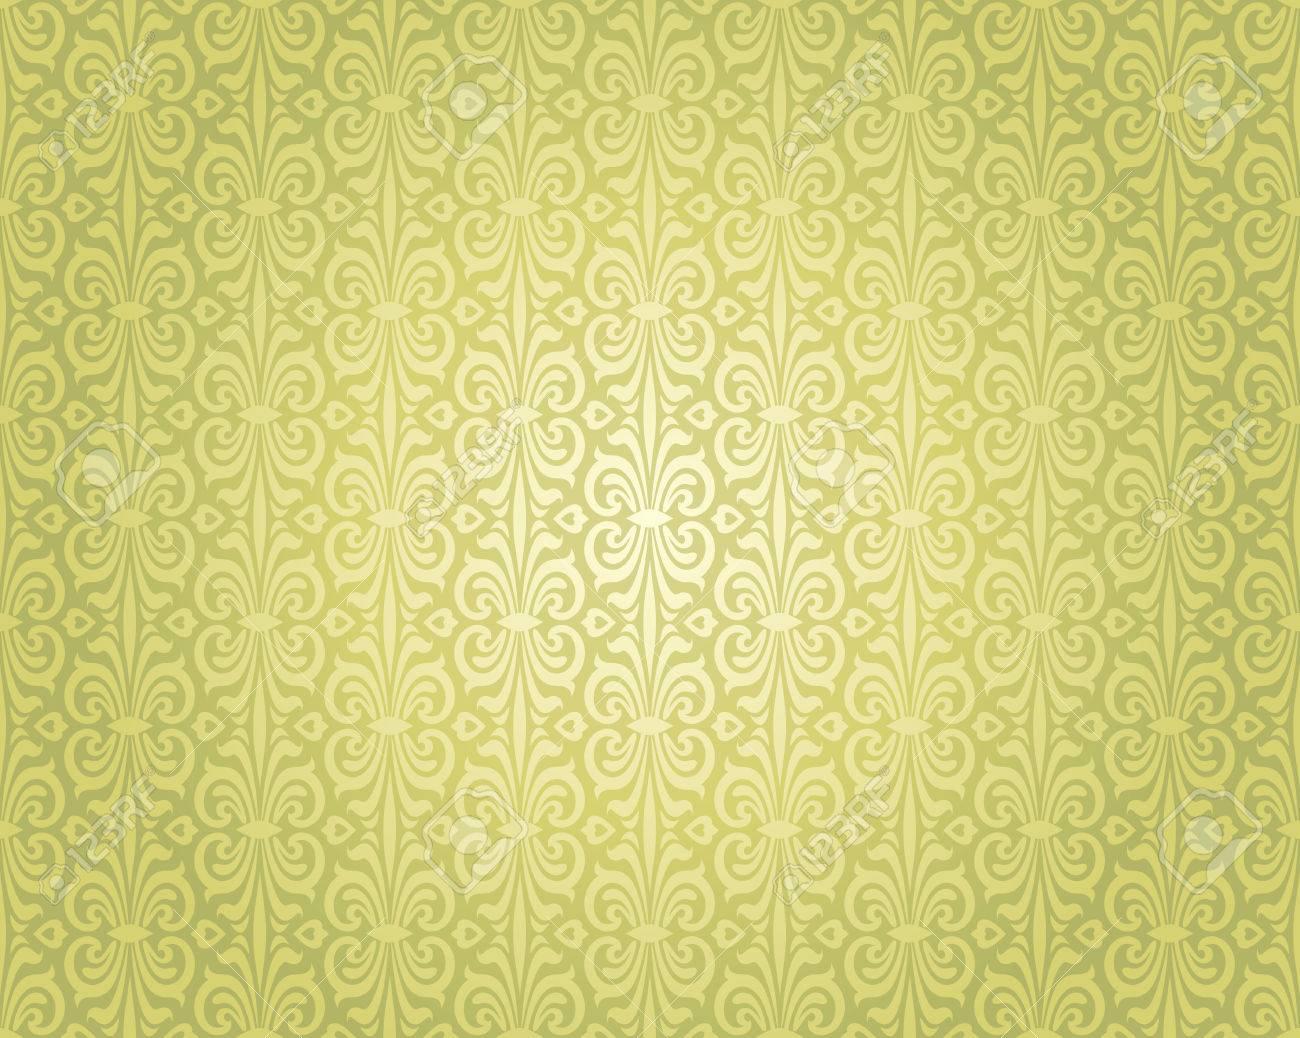 Vert Papier Peint Vintage Motif De Conception De Fond Repetitif Clip